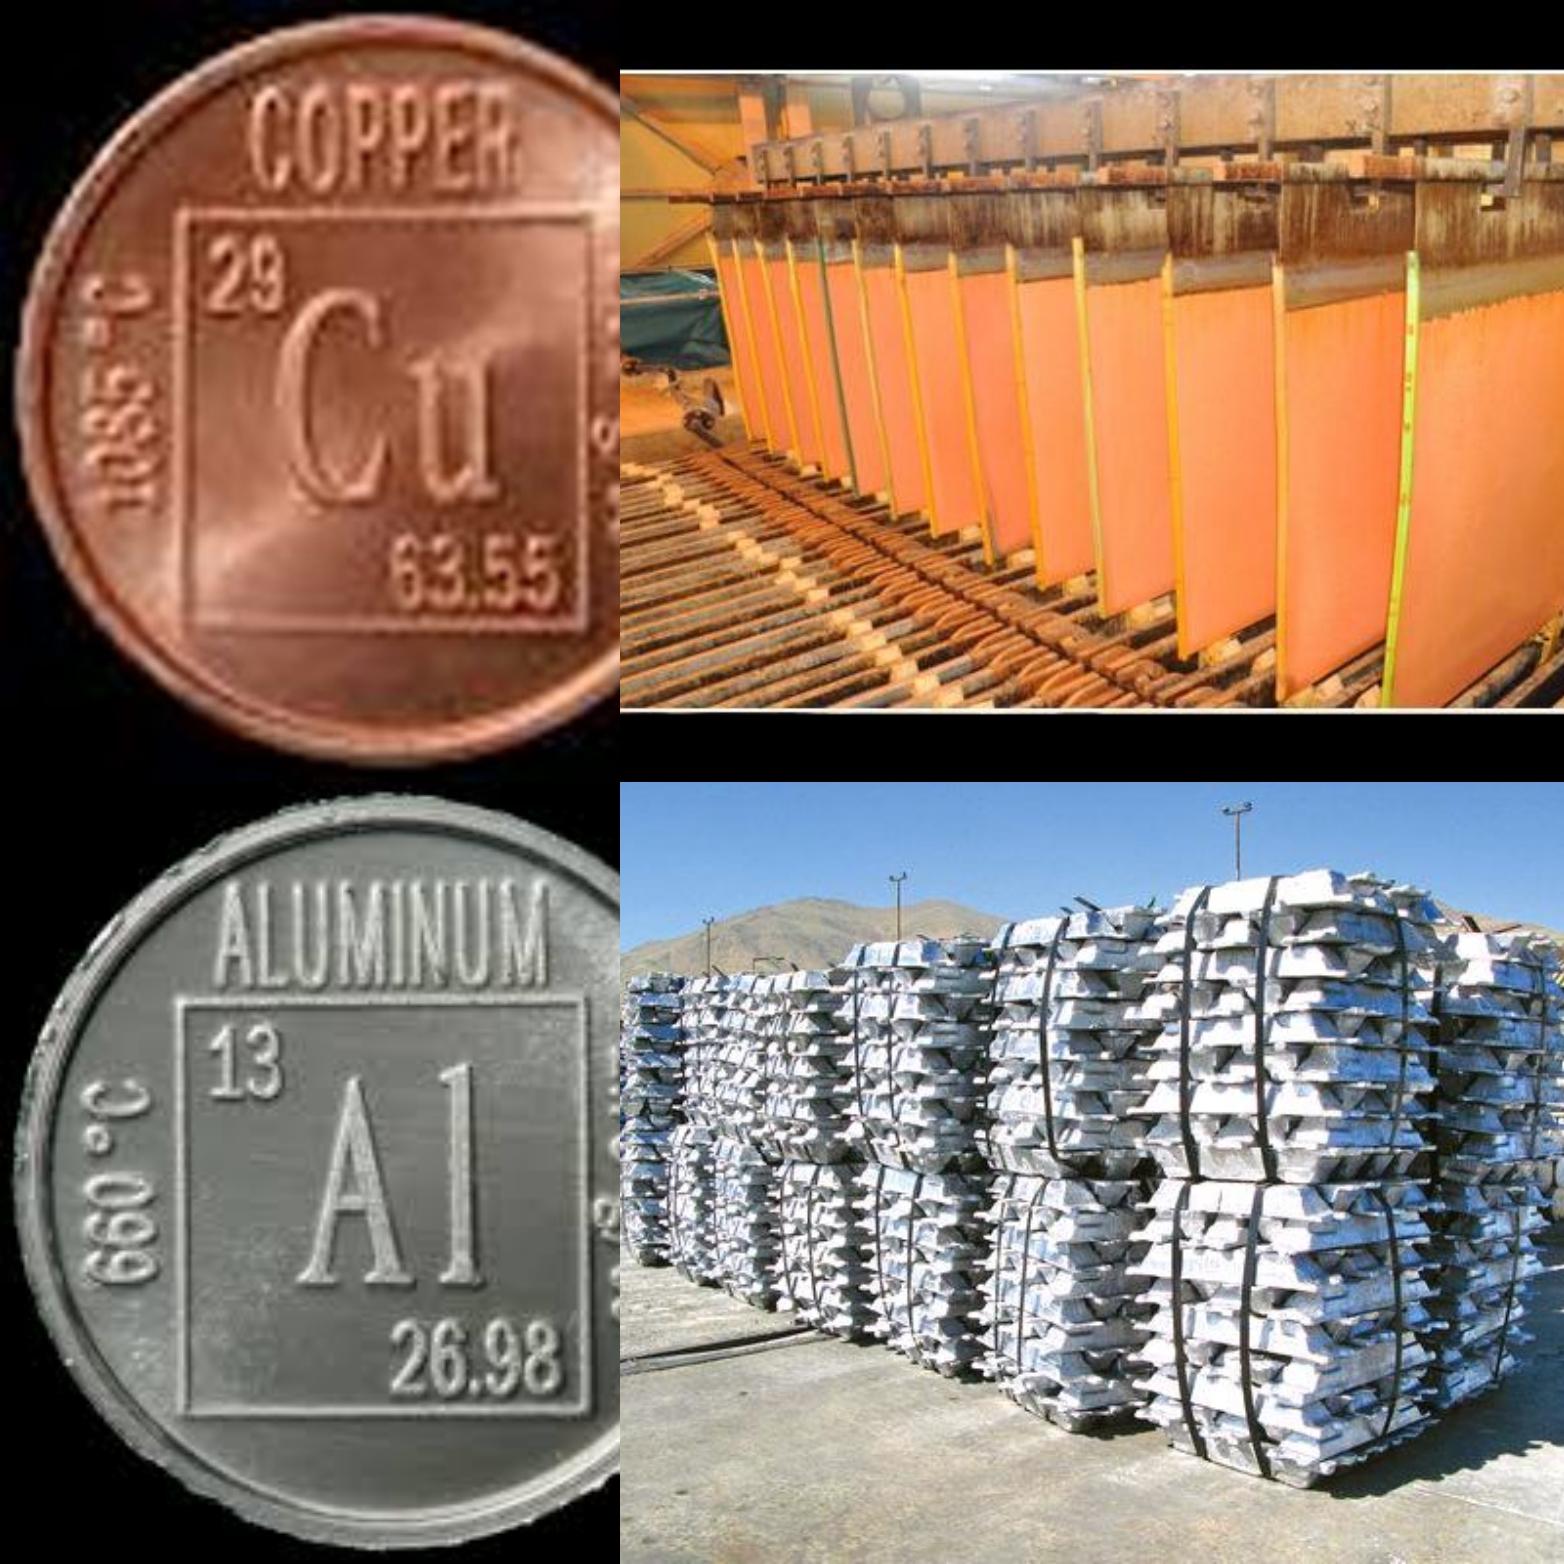 افزایش تجارت آلومینیوم و مس با تصویب قرارداد معامله تجاری بین اتحادیه اروپا و مرکوسور